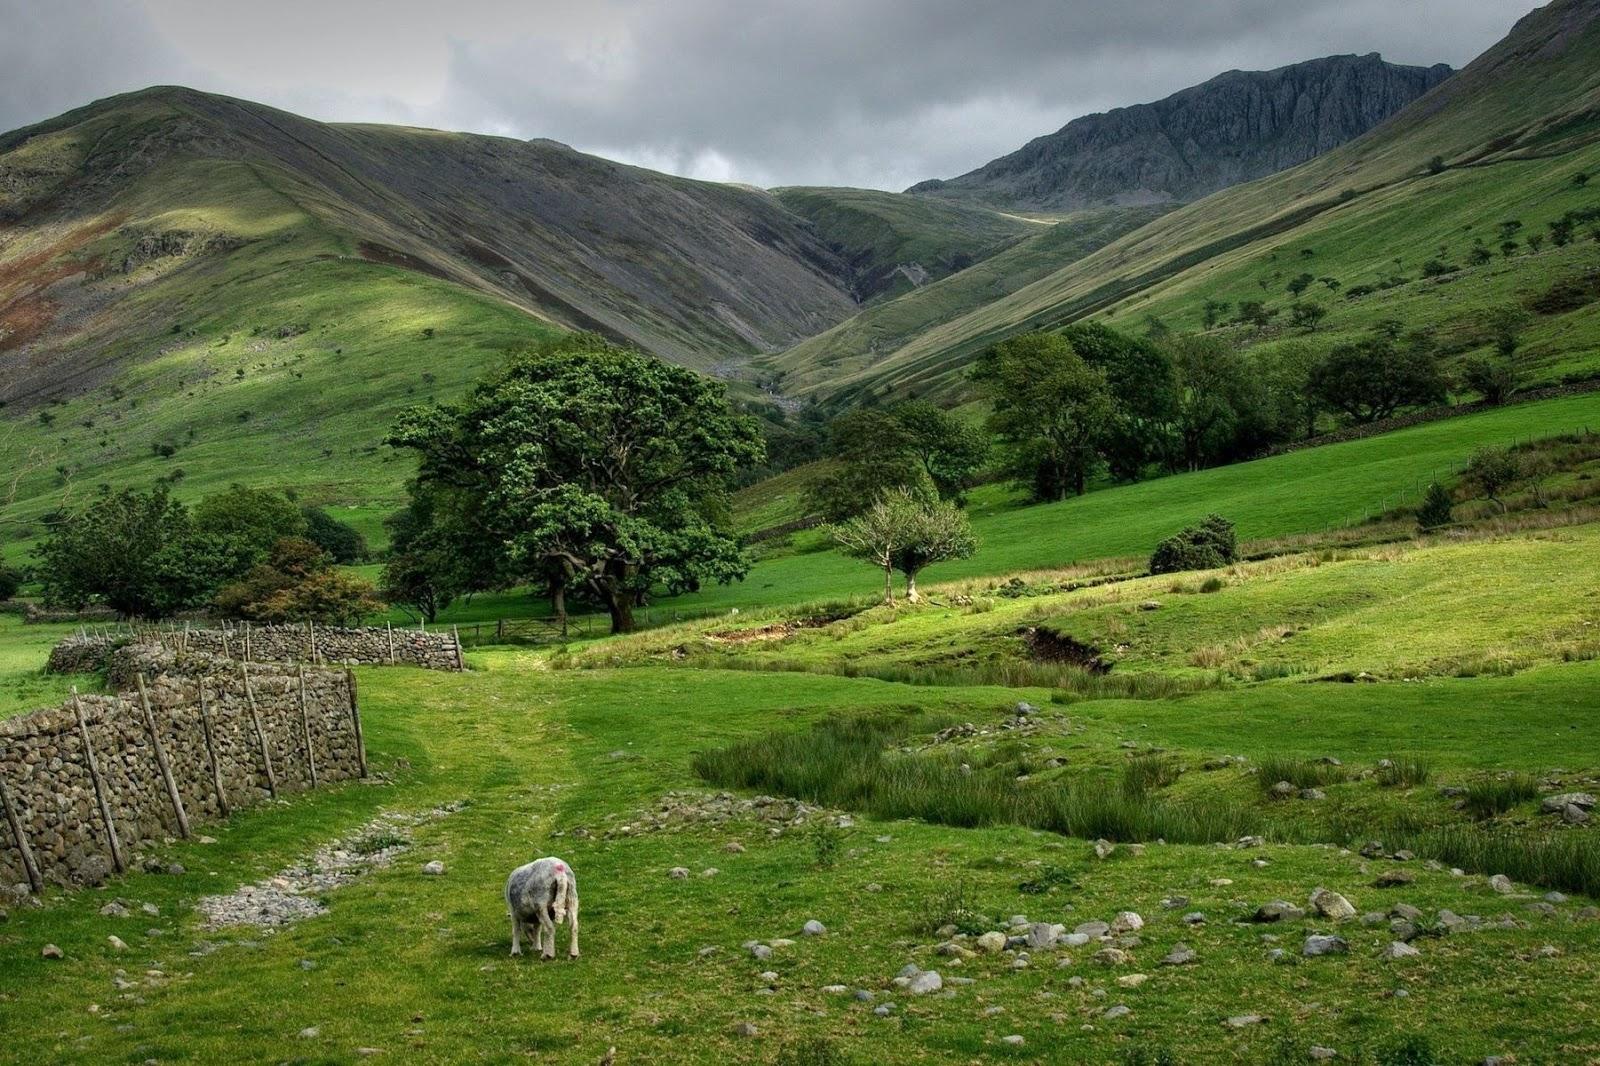 Schapen in de groene berg weiden